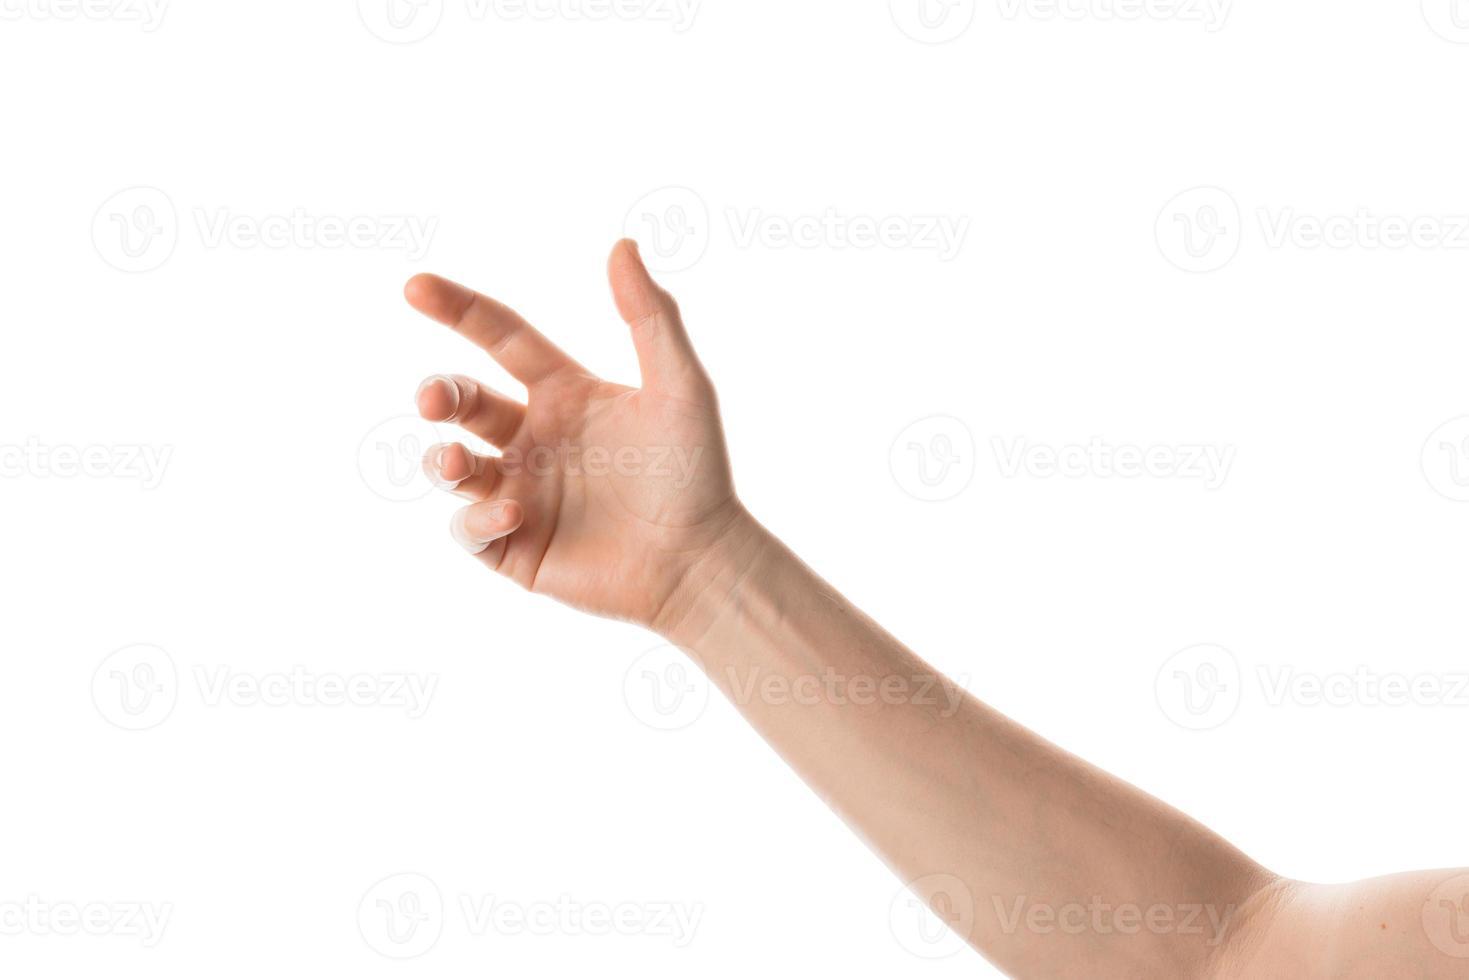 mão do homem segurar, agarrar ou pegar algum objeto, gesto com a mão. isolado no fundo branco. foto